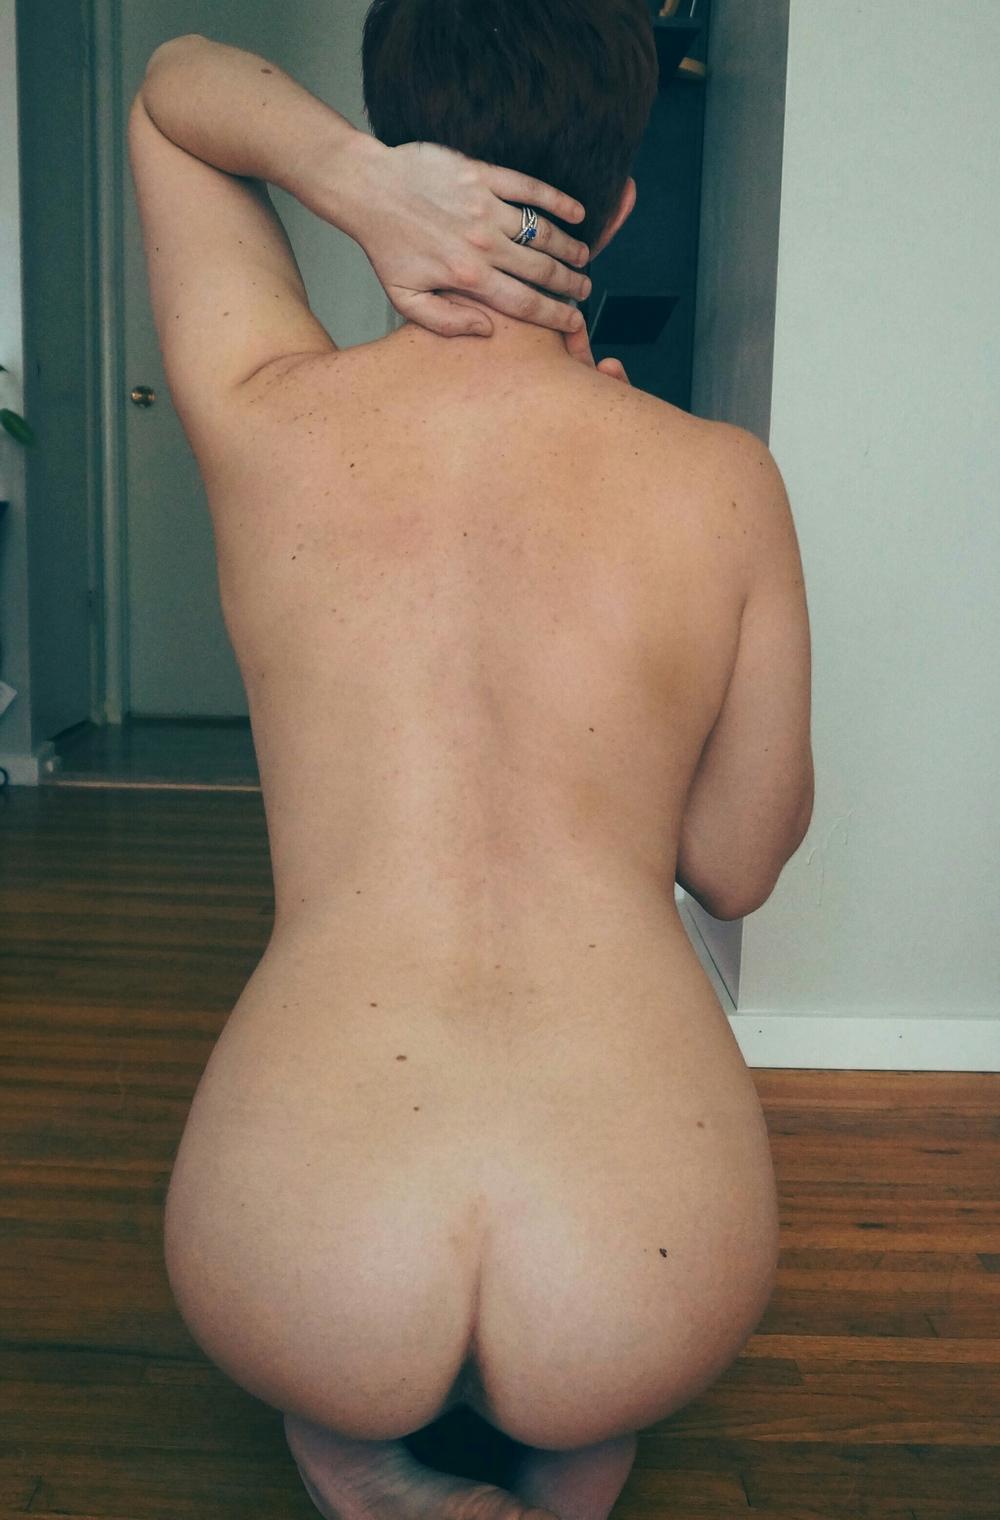 Девушка в очках фотографируется голенькая перед зеркалом